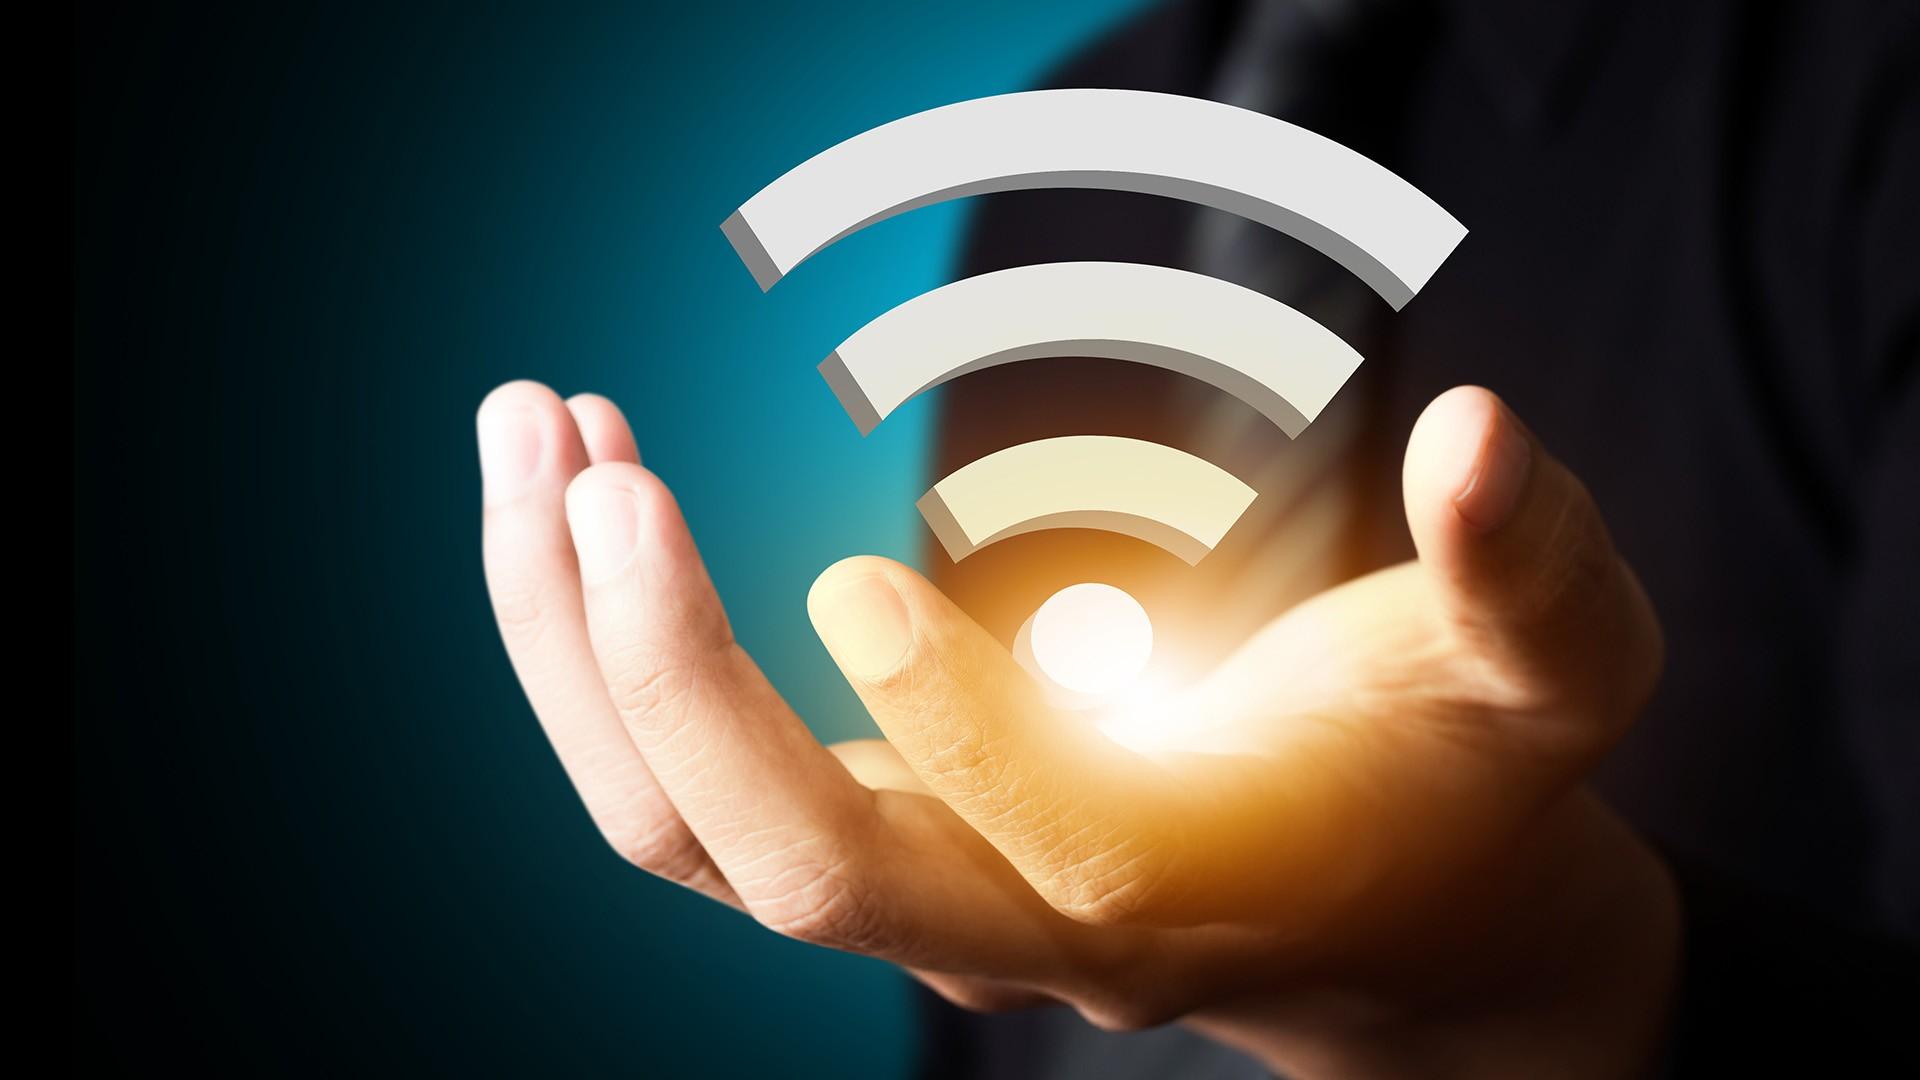 Премией «Проект года» наградили бесплатную сеть беспроводного интернета столицы